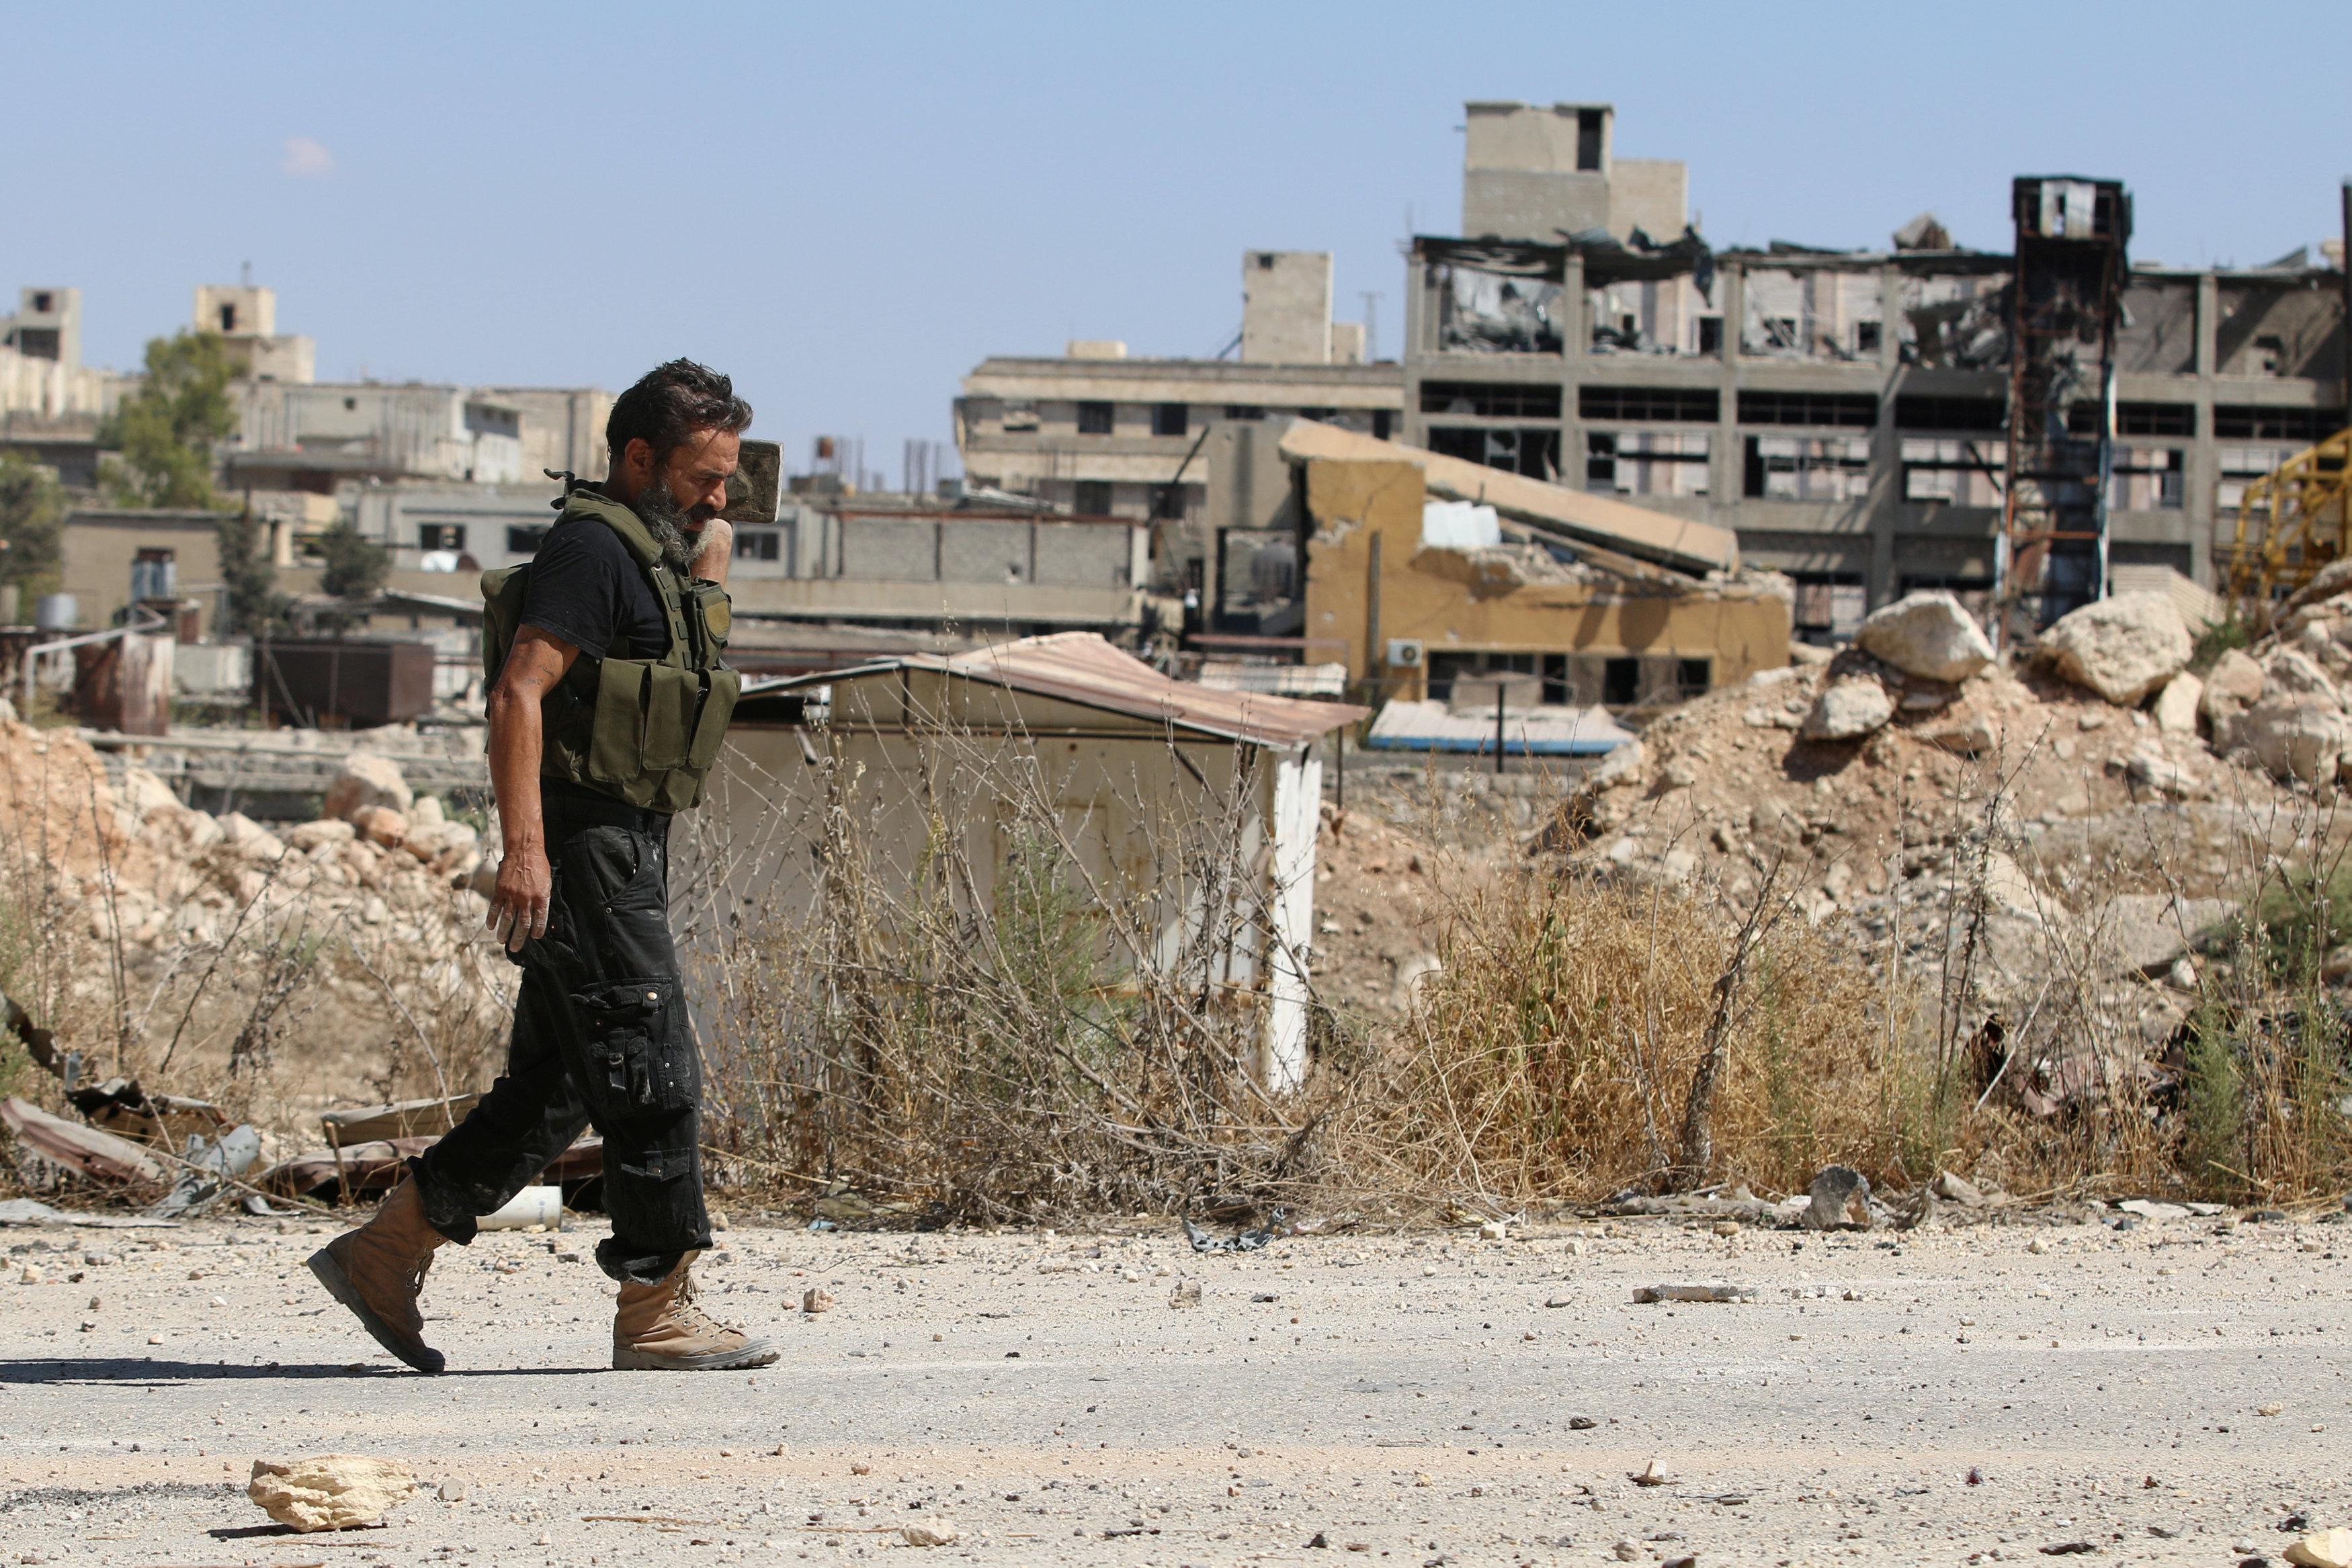 Tropas del Gobierno sirio ocuparon una de las vías principales de abastecimiento en la región tras sorpresivo bombardeo